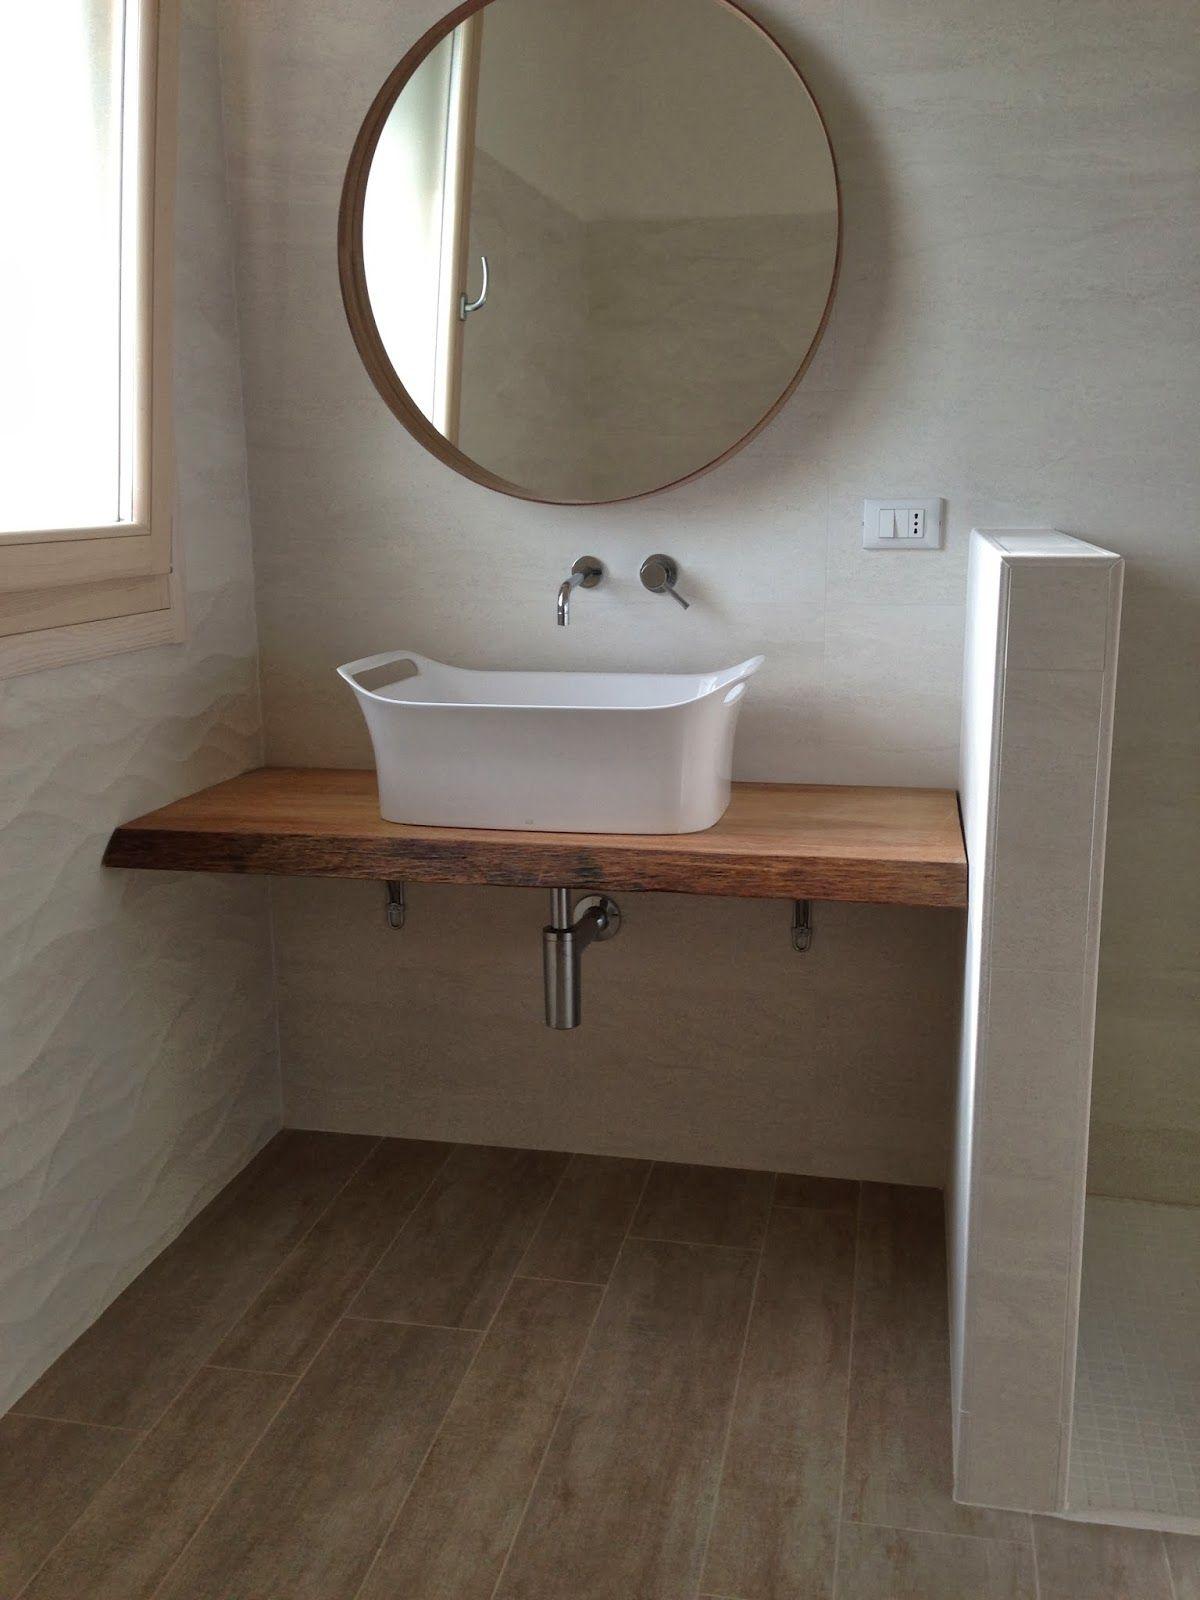 mensola lavello bagno - Cerca con Google  Idee per la casa  Pinterest  Il piano, Impermeabile ...